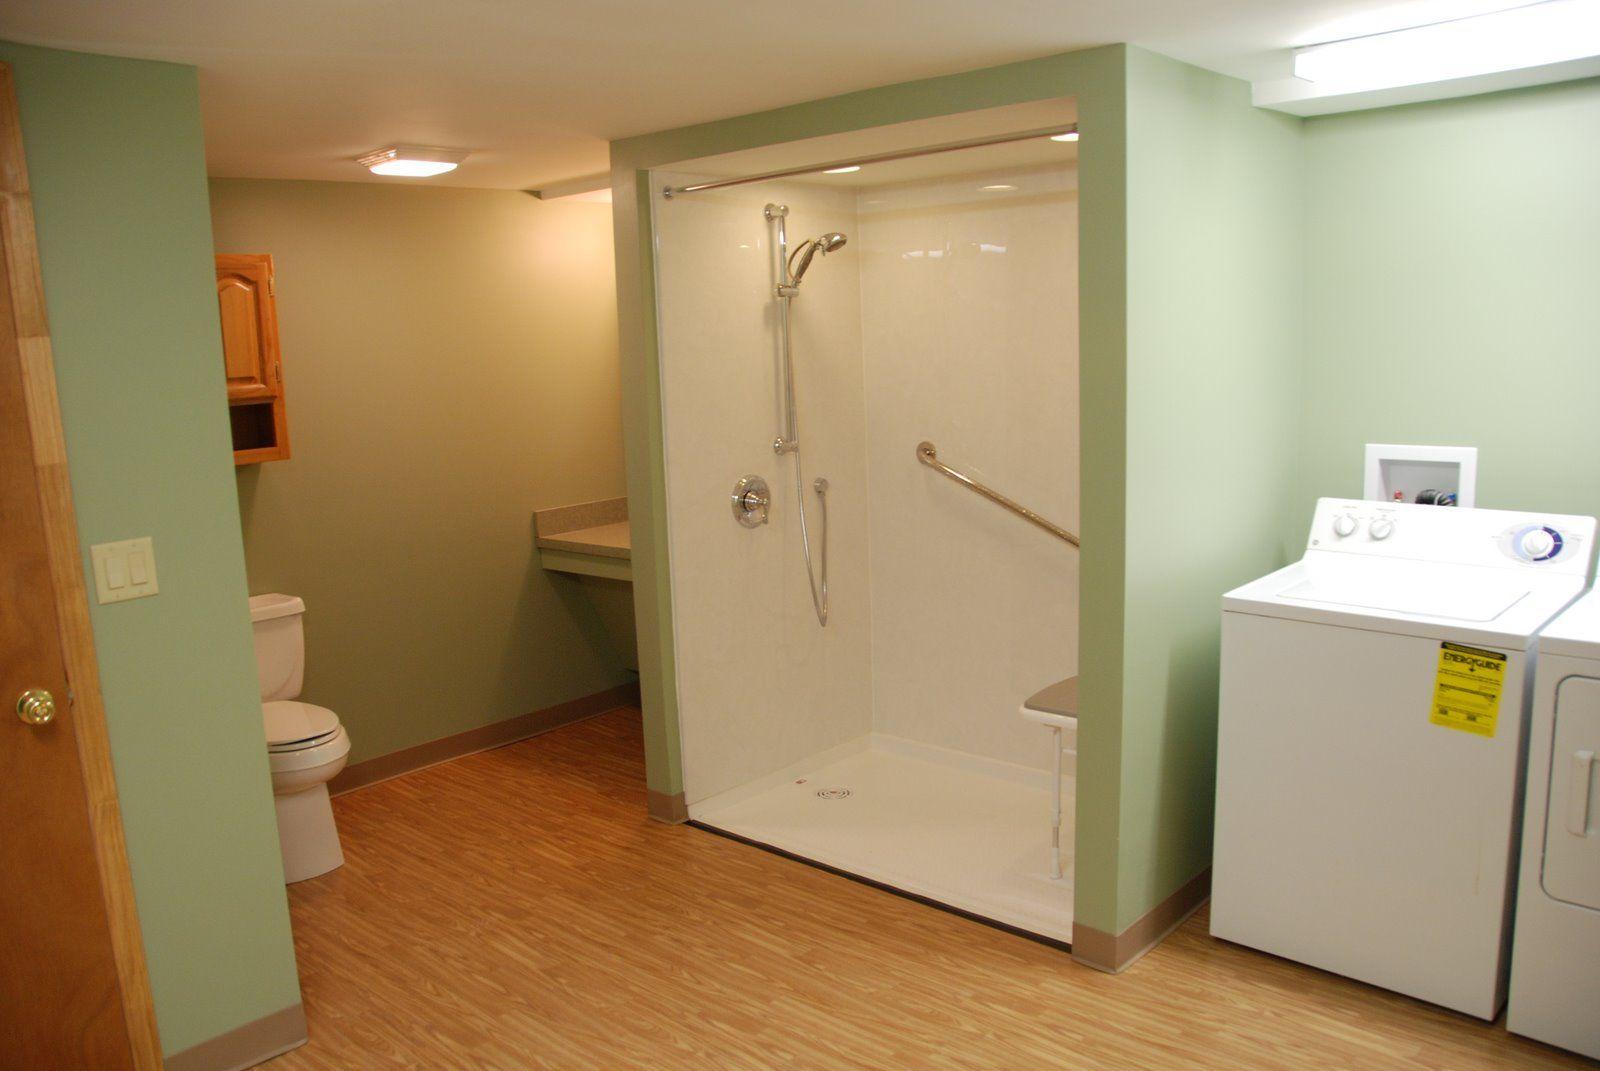 Liebenswert Keller Badezimmer Renovieren Ideen | Mehr Auf Unserer Website |  Keller Badezimmer Renovieren Ideen U2013 Wenn Sie Weitere Hilfe Mit  Keller Konzepte, ...